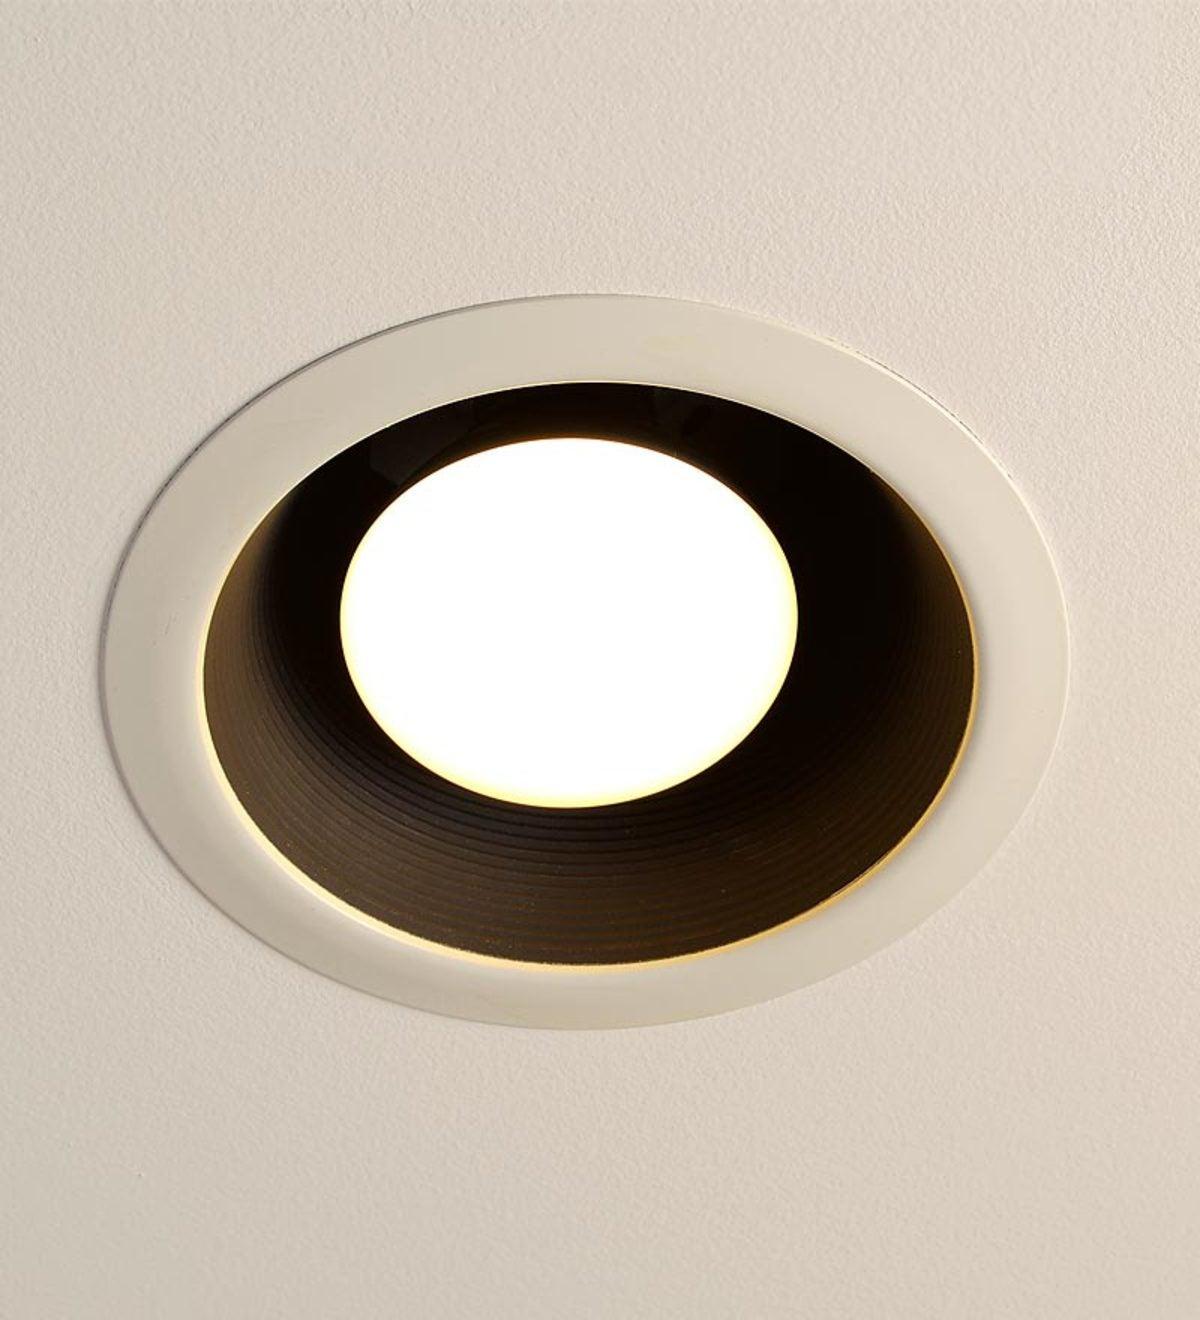 Simple Trim Recessed Light Cap Ring White Plowhearth